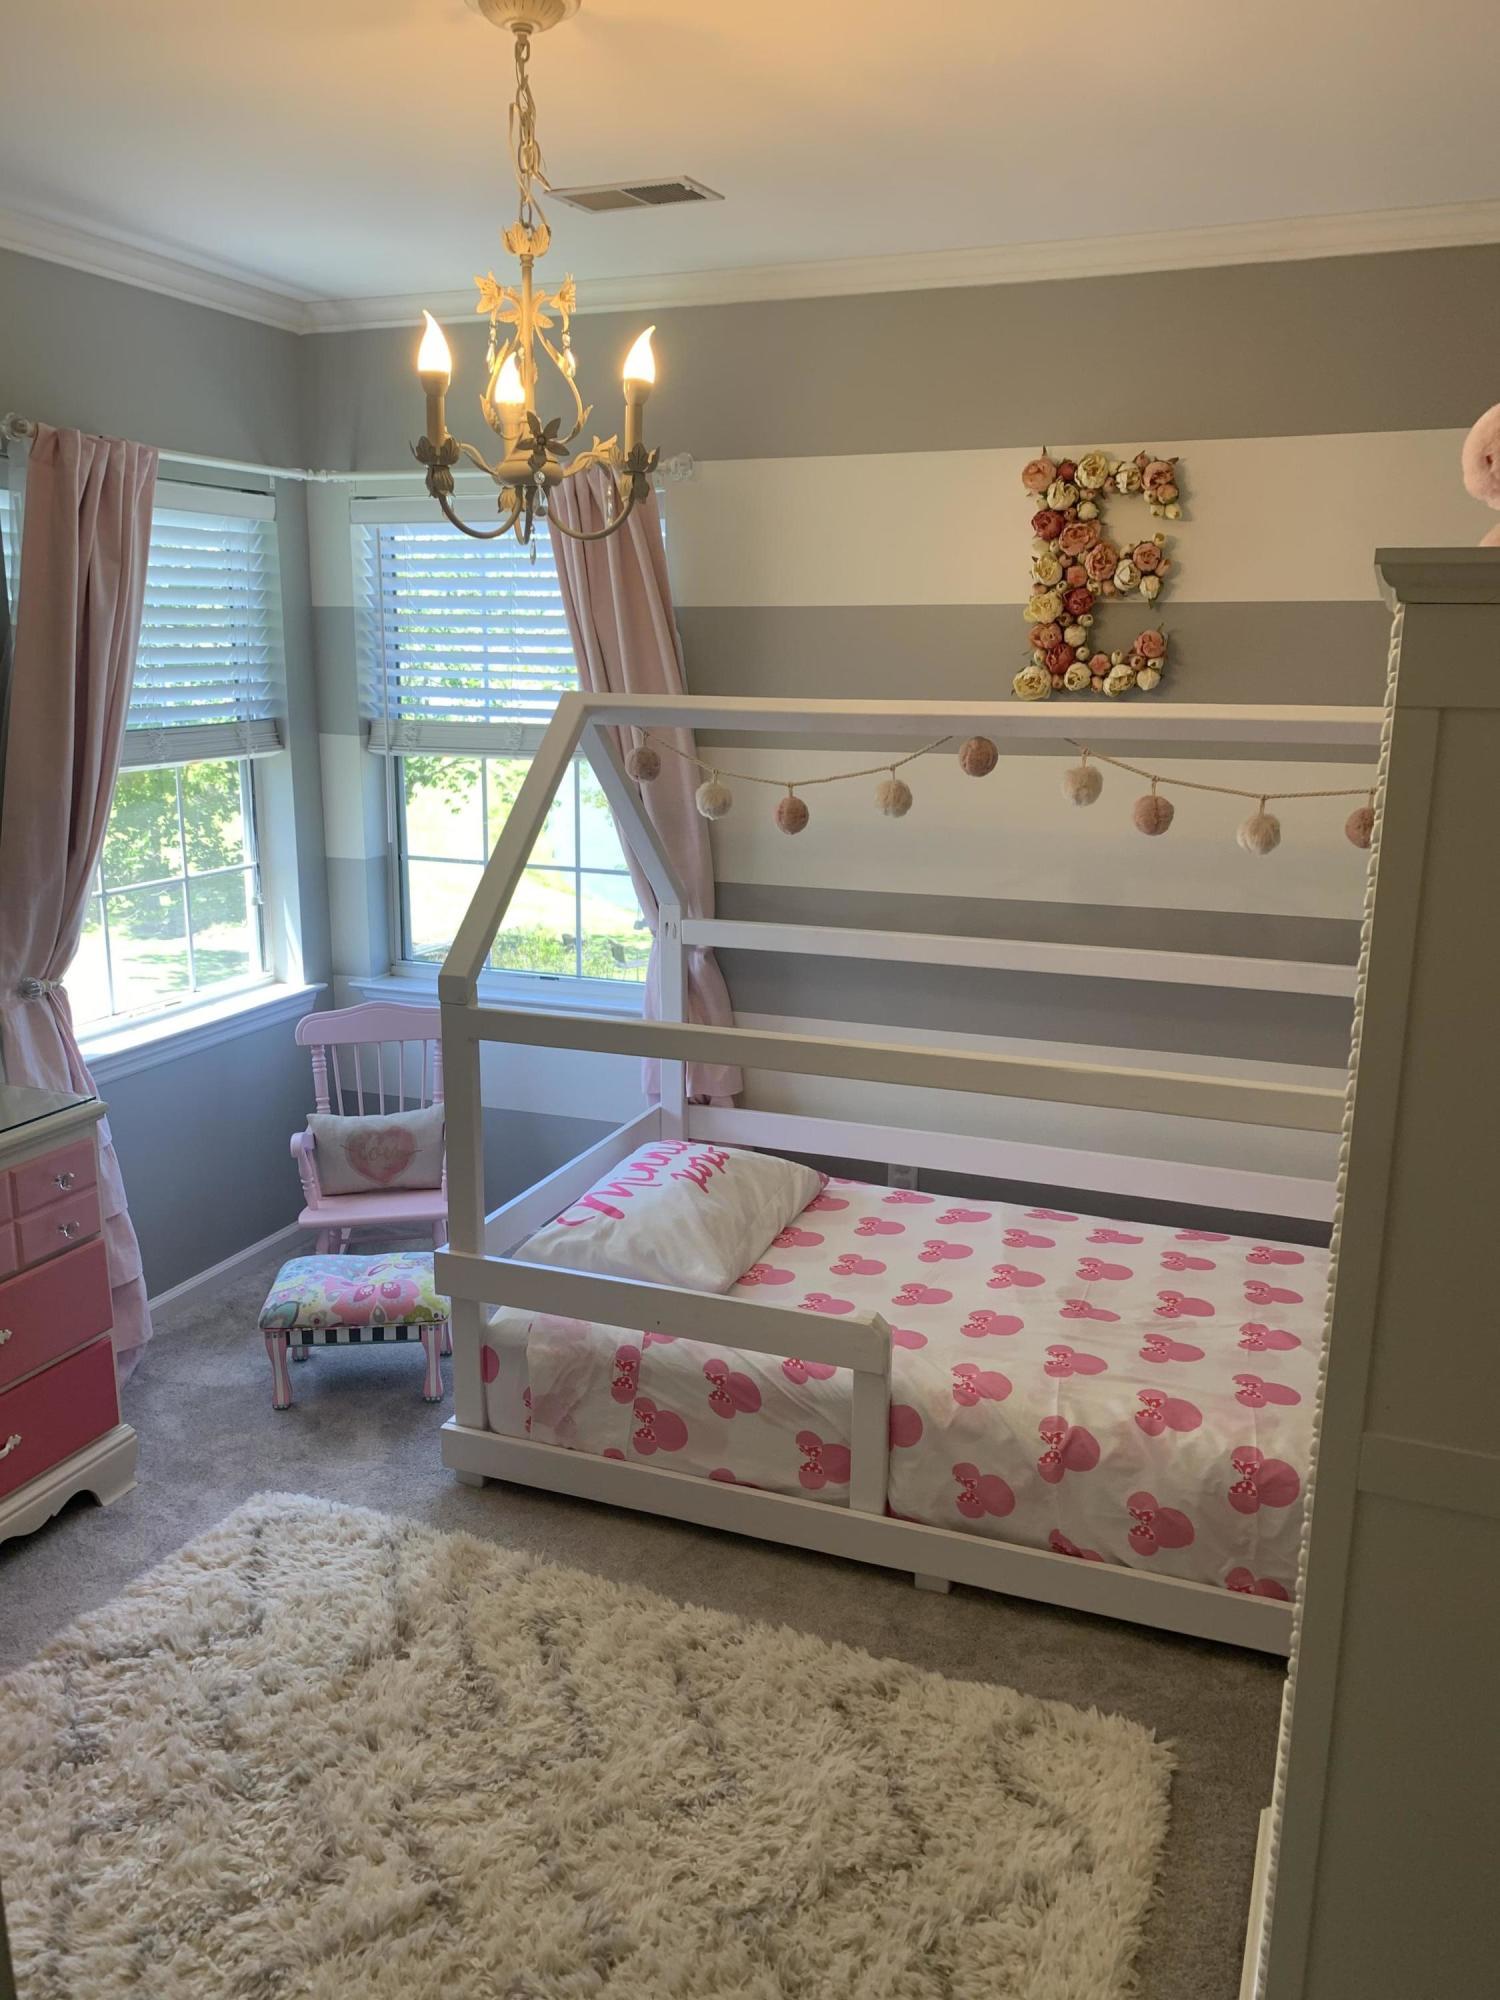 Park West Homes For Sale - 2073 Bancroft, Mount Pleasant, SC - 16